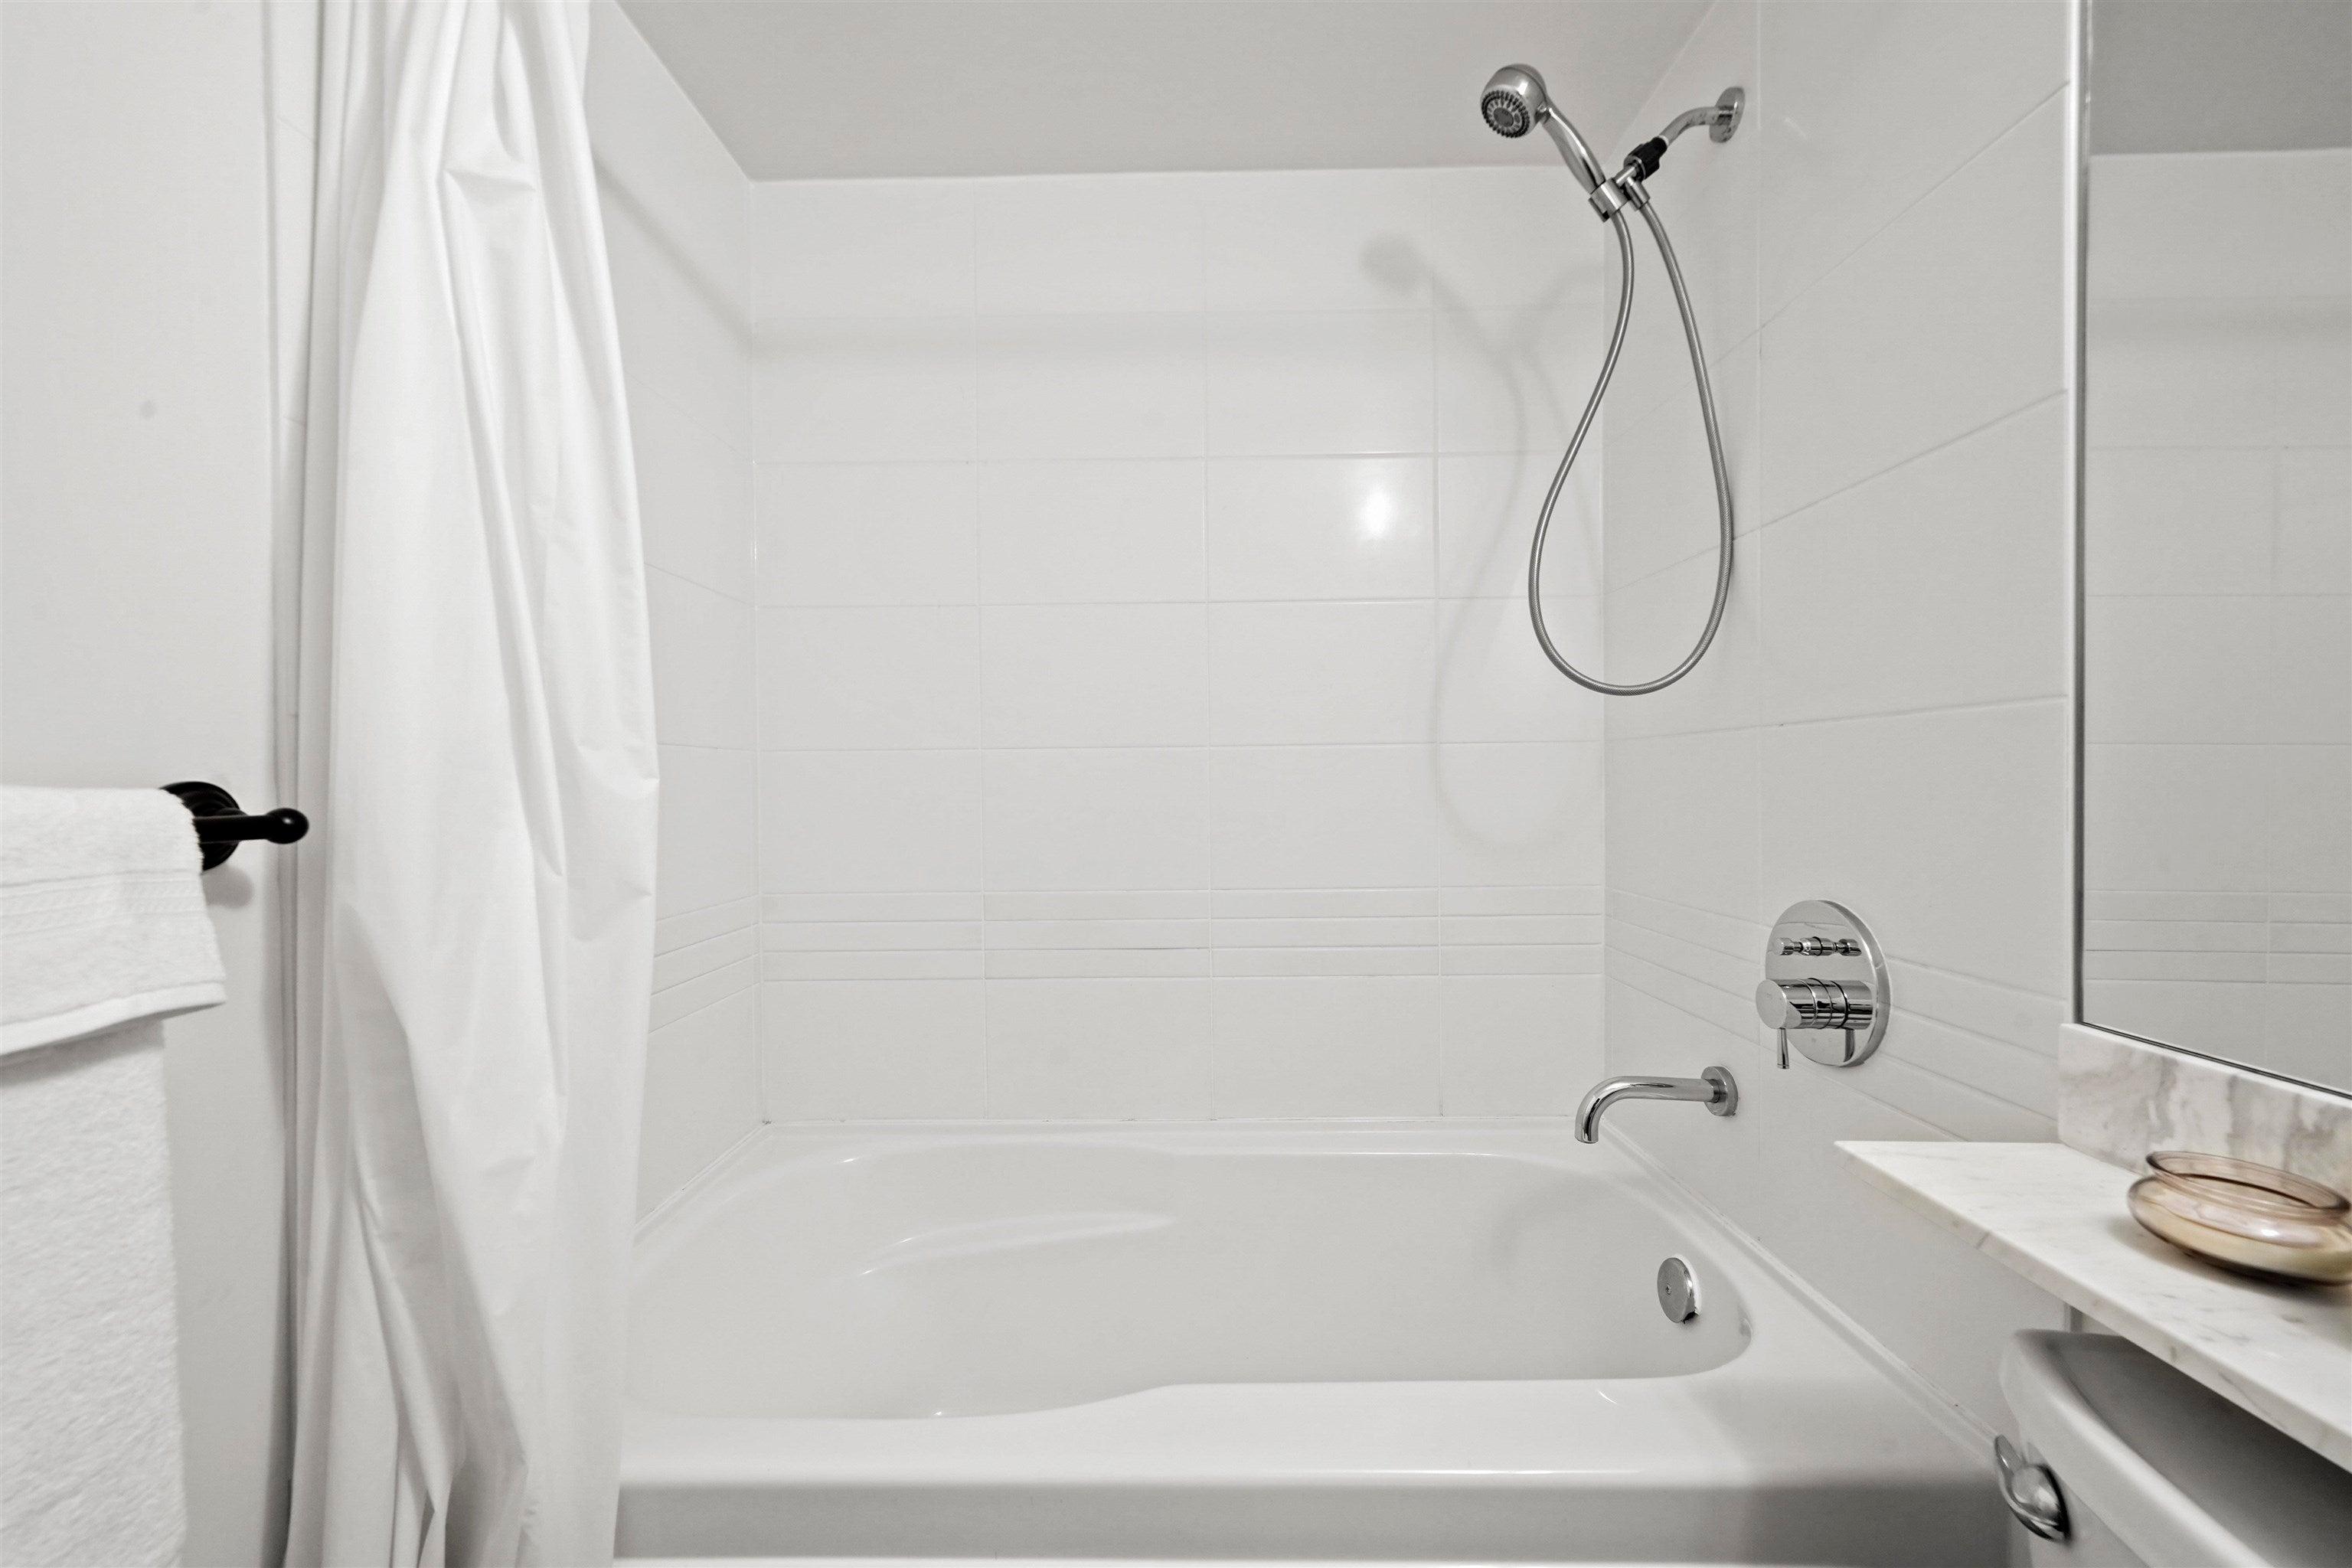 319 1633 MACKAY AVENUE - Pemberton NV Apartment/Condo for sale, 2 Bedrooms (R2624916) - #24